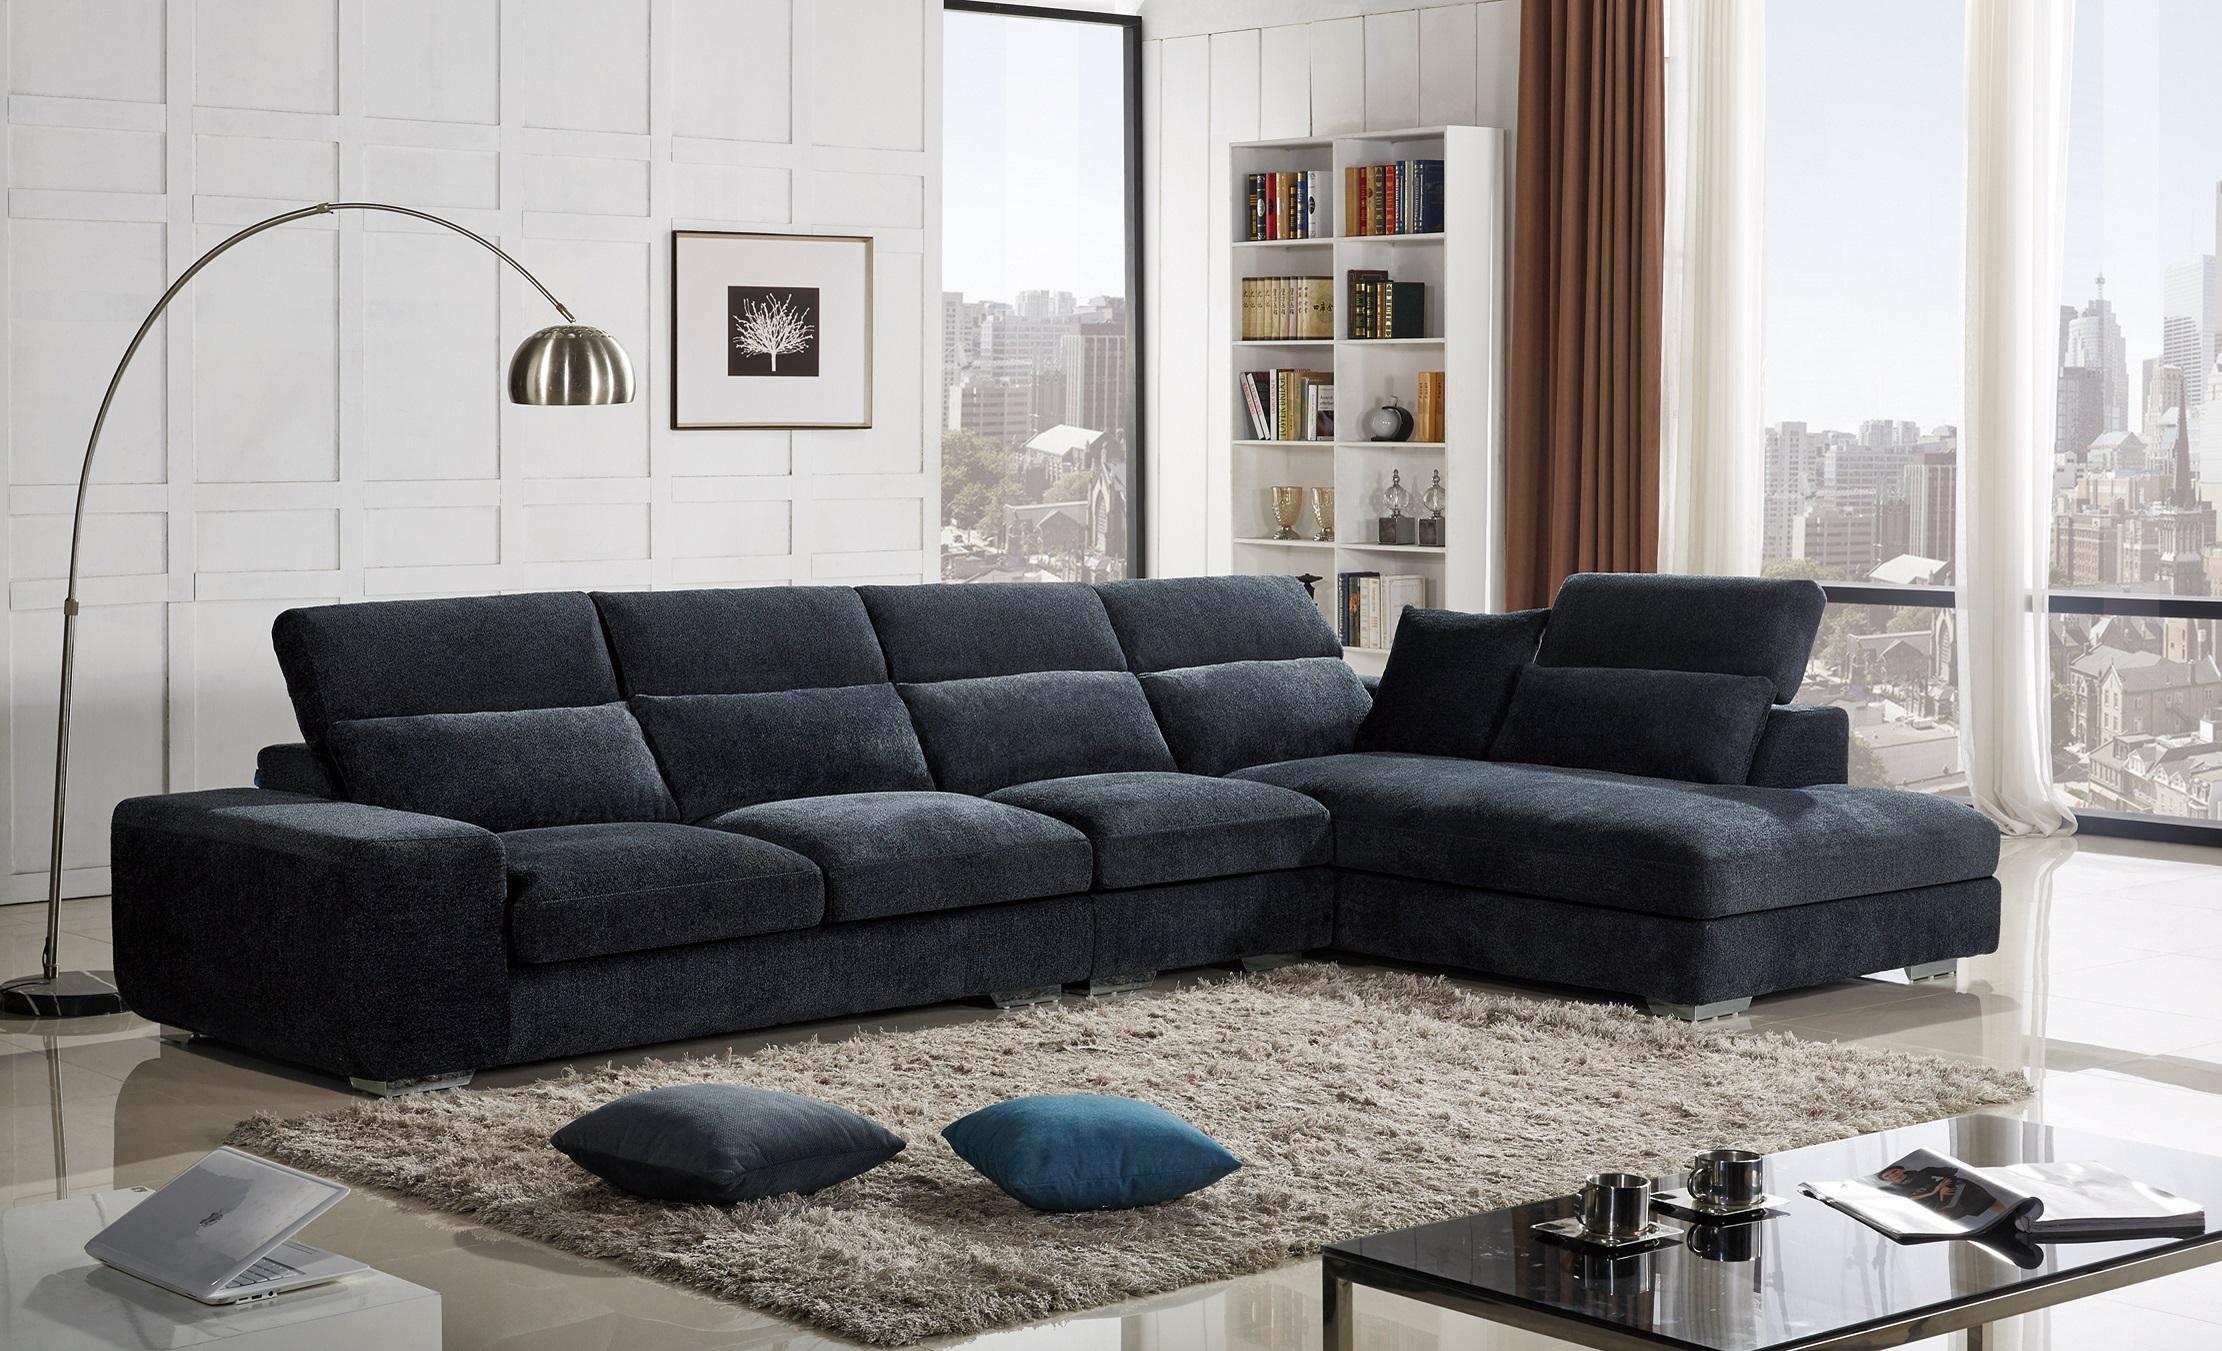 3445 mega furniture imports ltd. Black Bedroom Furniture Sets. Home Design Ideas